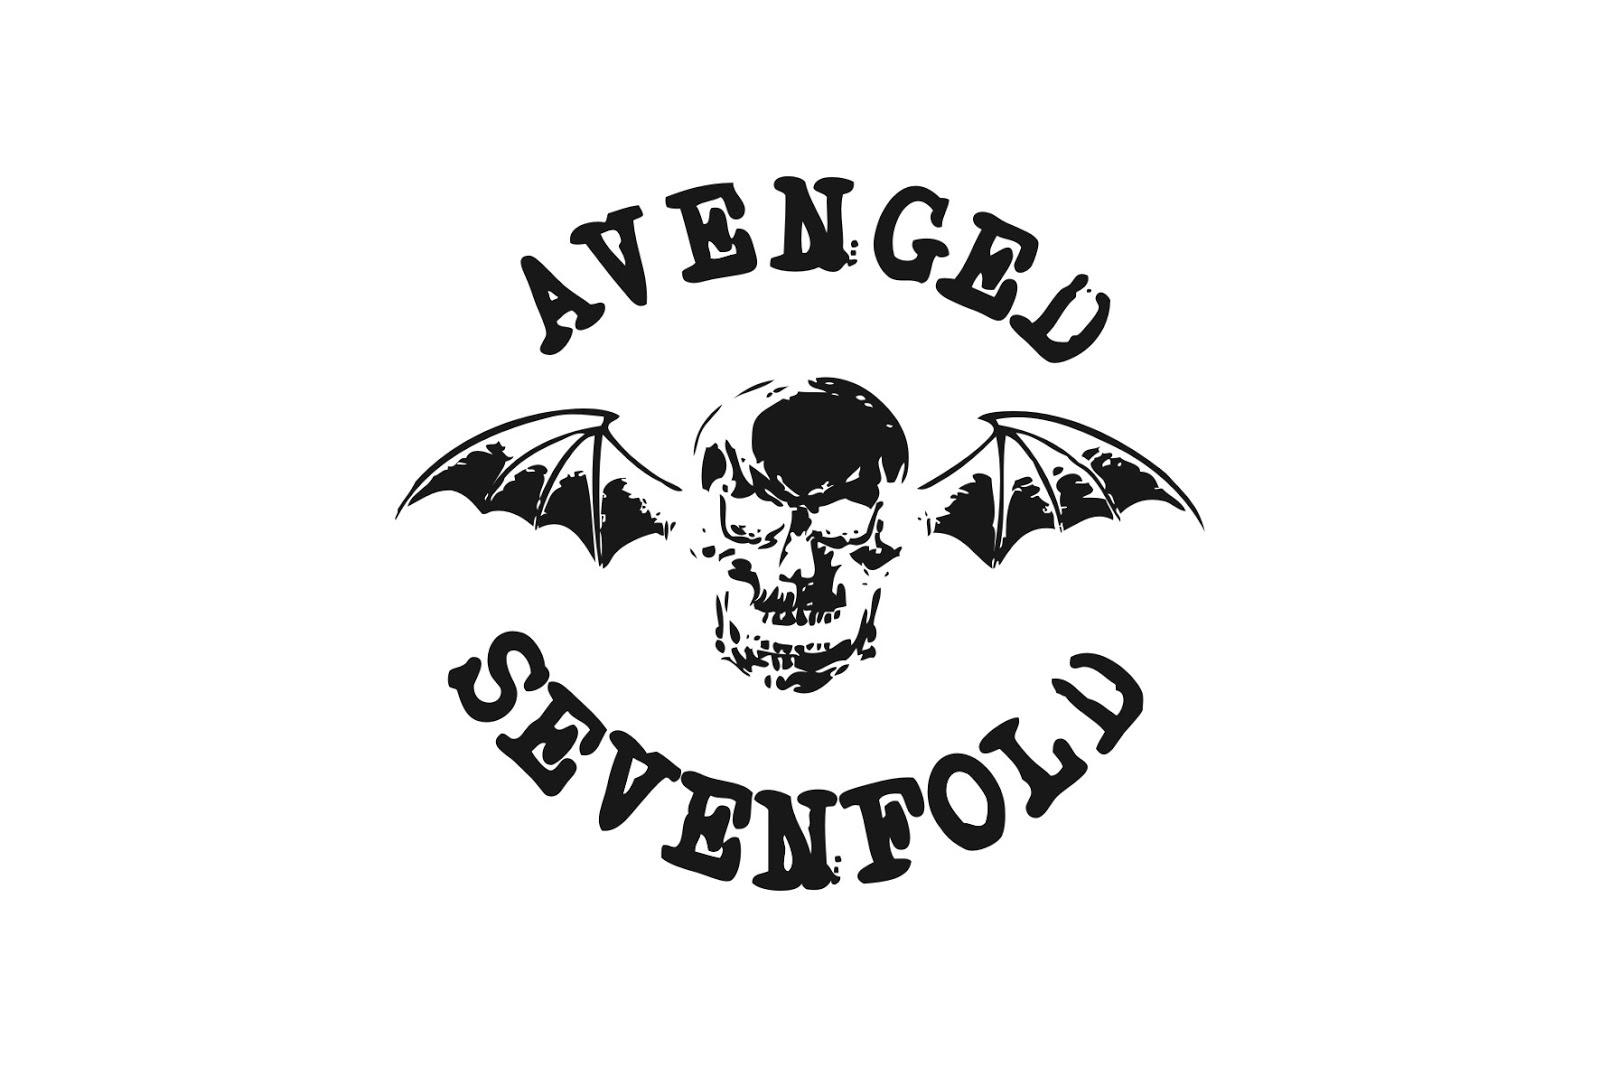 Sketsa Lambang Avenged Sevenfold Black And White